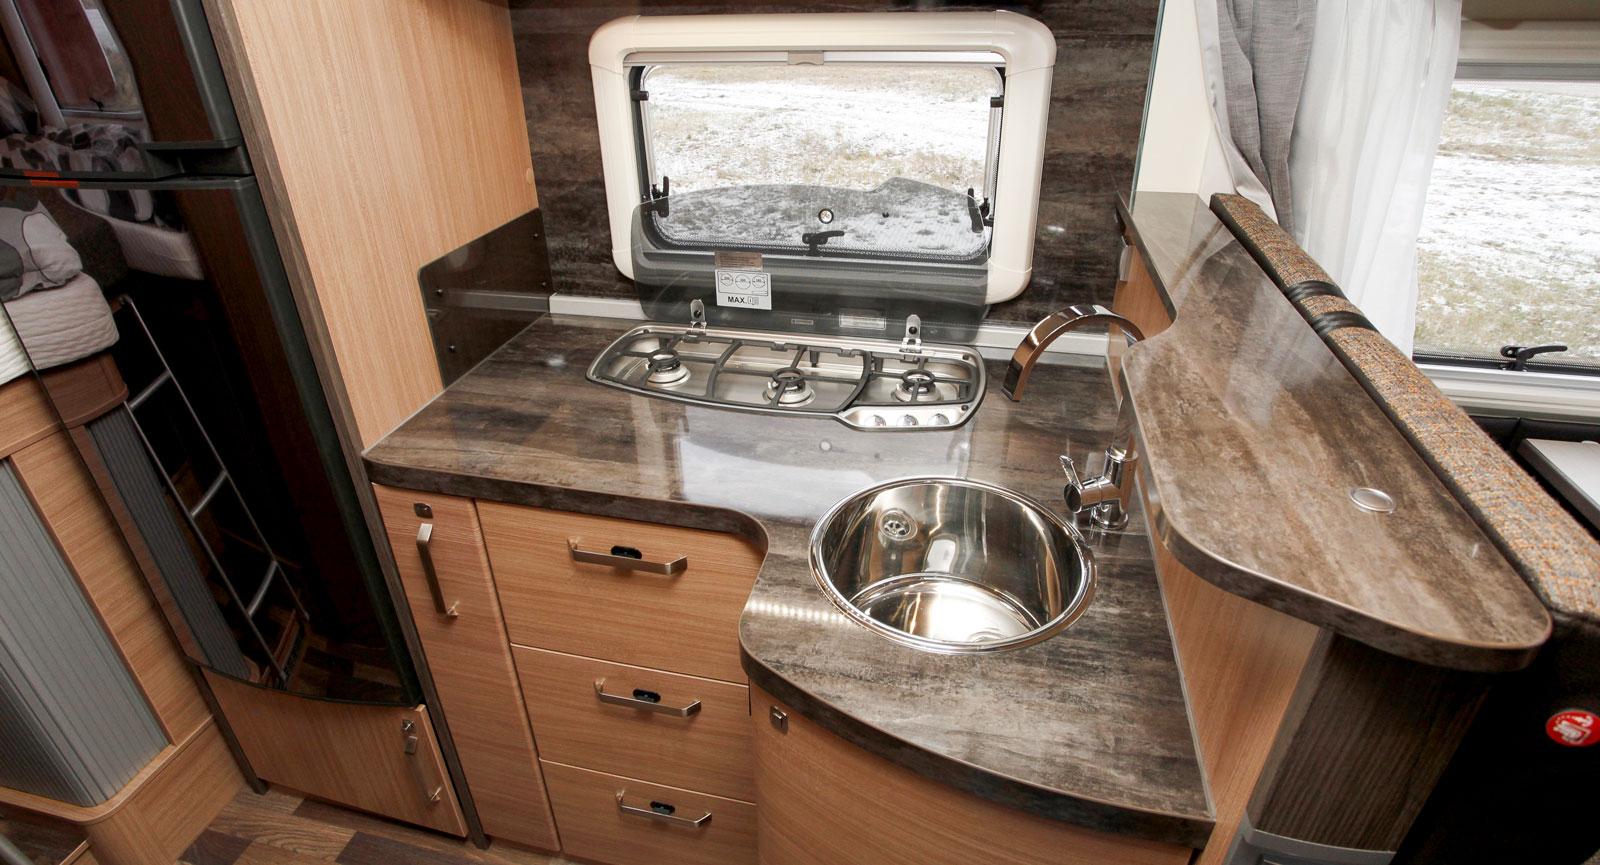 Köket erbjuder generösa avställningsytor och gott om förvaring. Arbetshöjden på köksbänken är hela 95 cm.